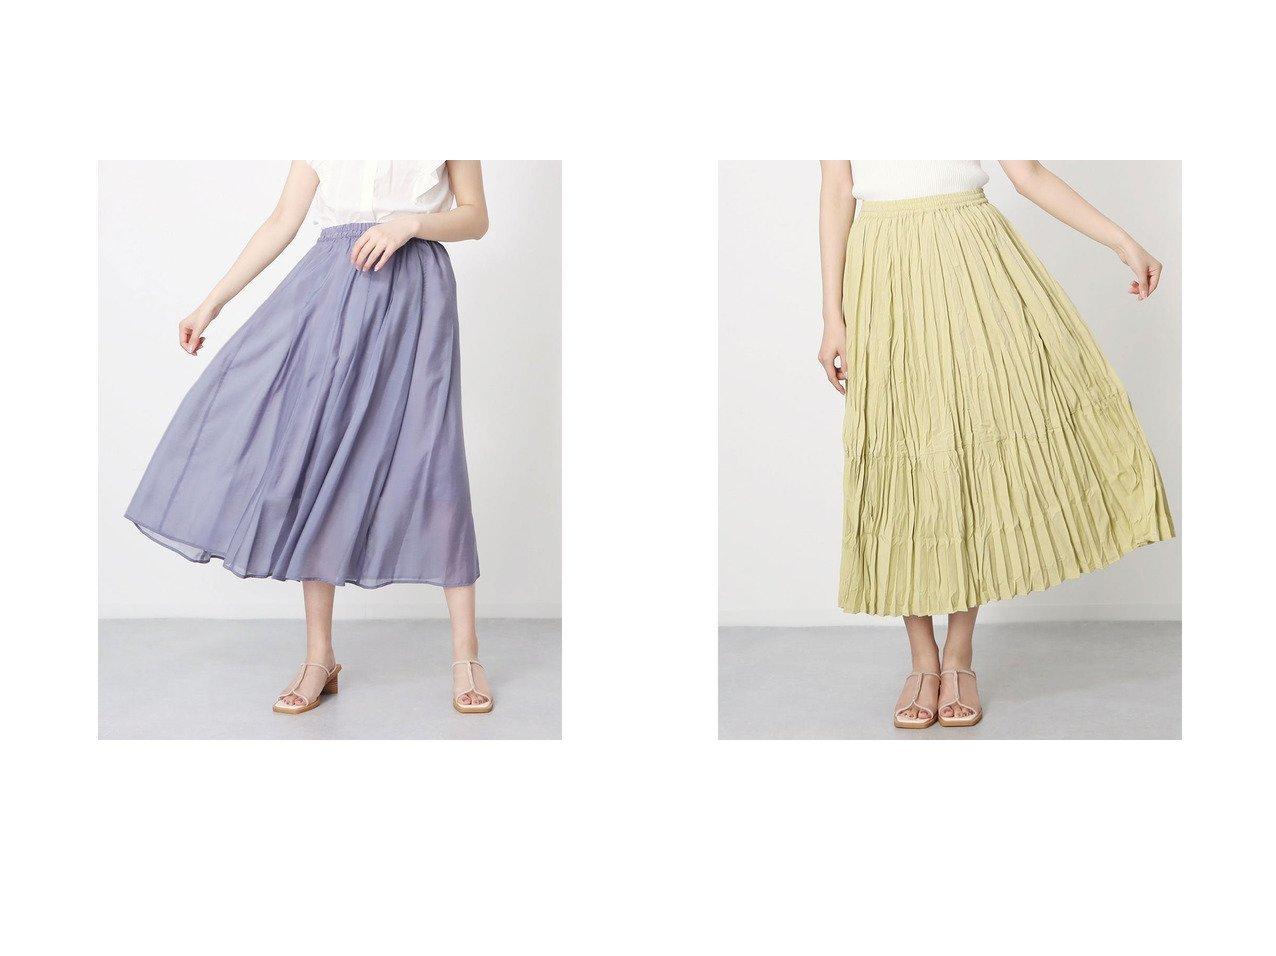 【Rewde/ルゥデ】のタックフレアスカート&ワッシャープリーツスカート 【スカート】おすすめ!人気、トレンド・レディースファッションの通販 おすすめで人気の流行・トレンド、ファッションの通販商品 インテリア・家具・メンズファッション・キッズファッション・レディースファッション・服の通販 founy(ファニー) https://founy.com/ ファッション Fashion レディースファッション WOMEN スカート Skirt Aライン/フレアスカート Flared A-Line Skirts プリーツスカート Pleated Skirts 2021年 2021 2021春夏・S/S SS/Spring/Summer/2021 S/S・春夏 SS・Spring/Summer シアー フィット フレア 夏 Summer 春 Spring ギャザー ダブル プリーツ 定番 Standard 楽ちん |ID:crp329100000054055